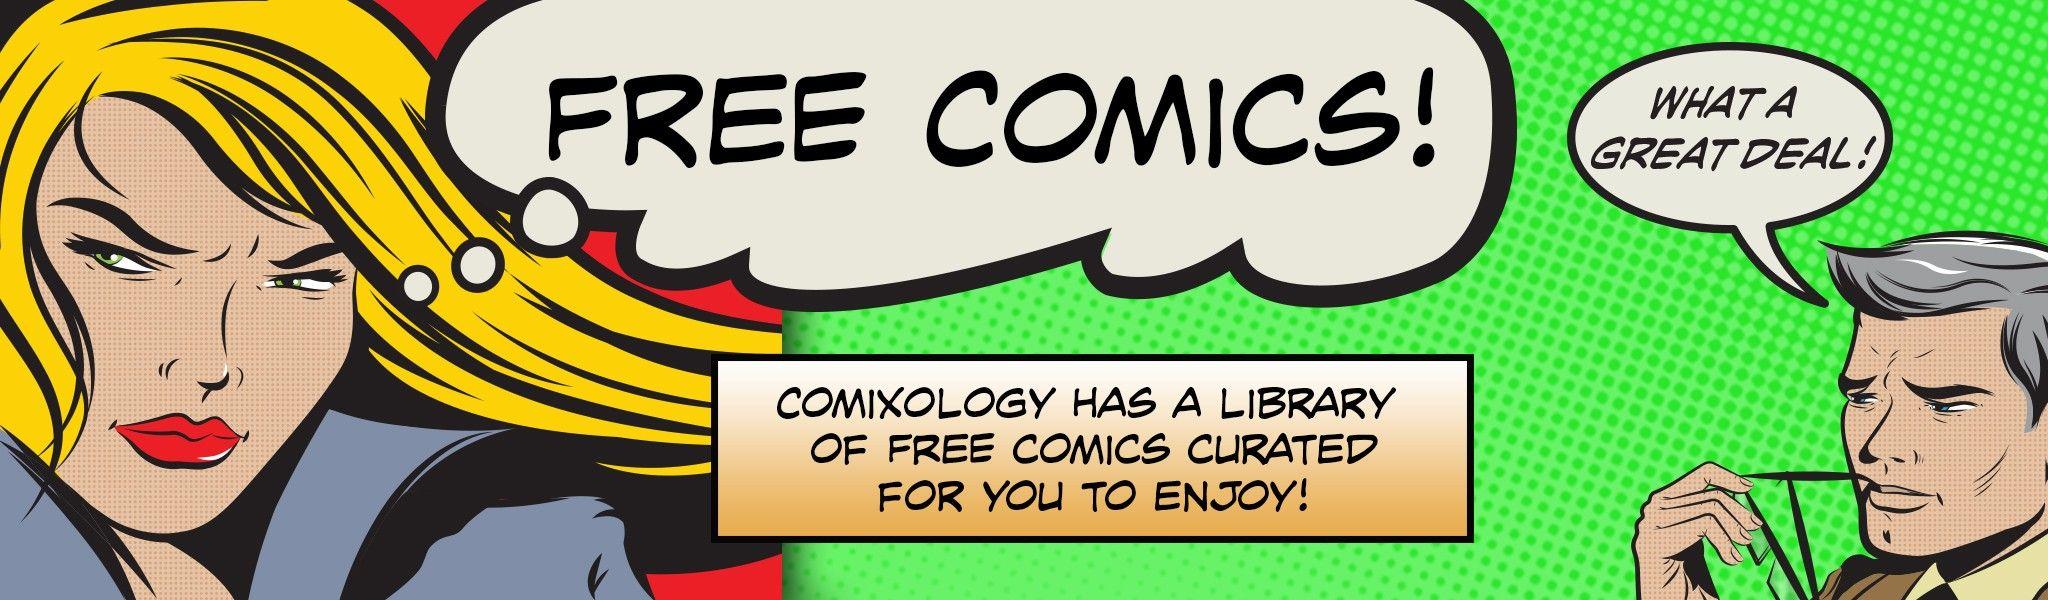 126 komiksów za darmo @comixology